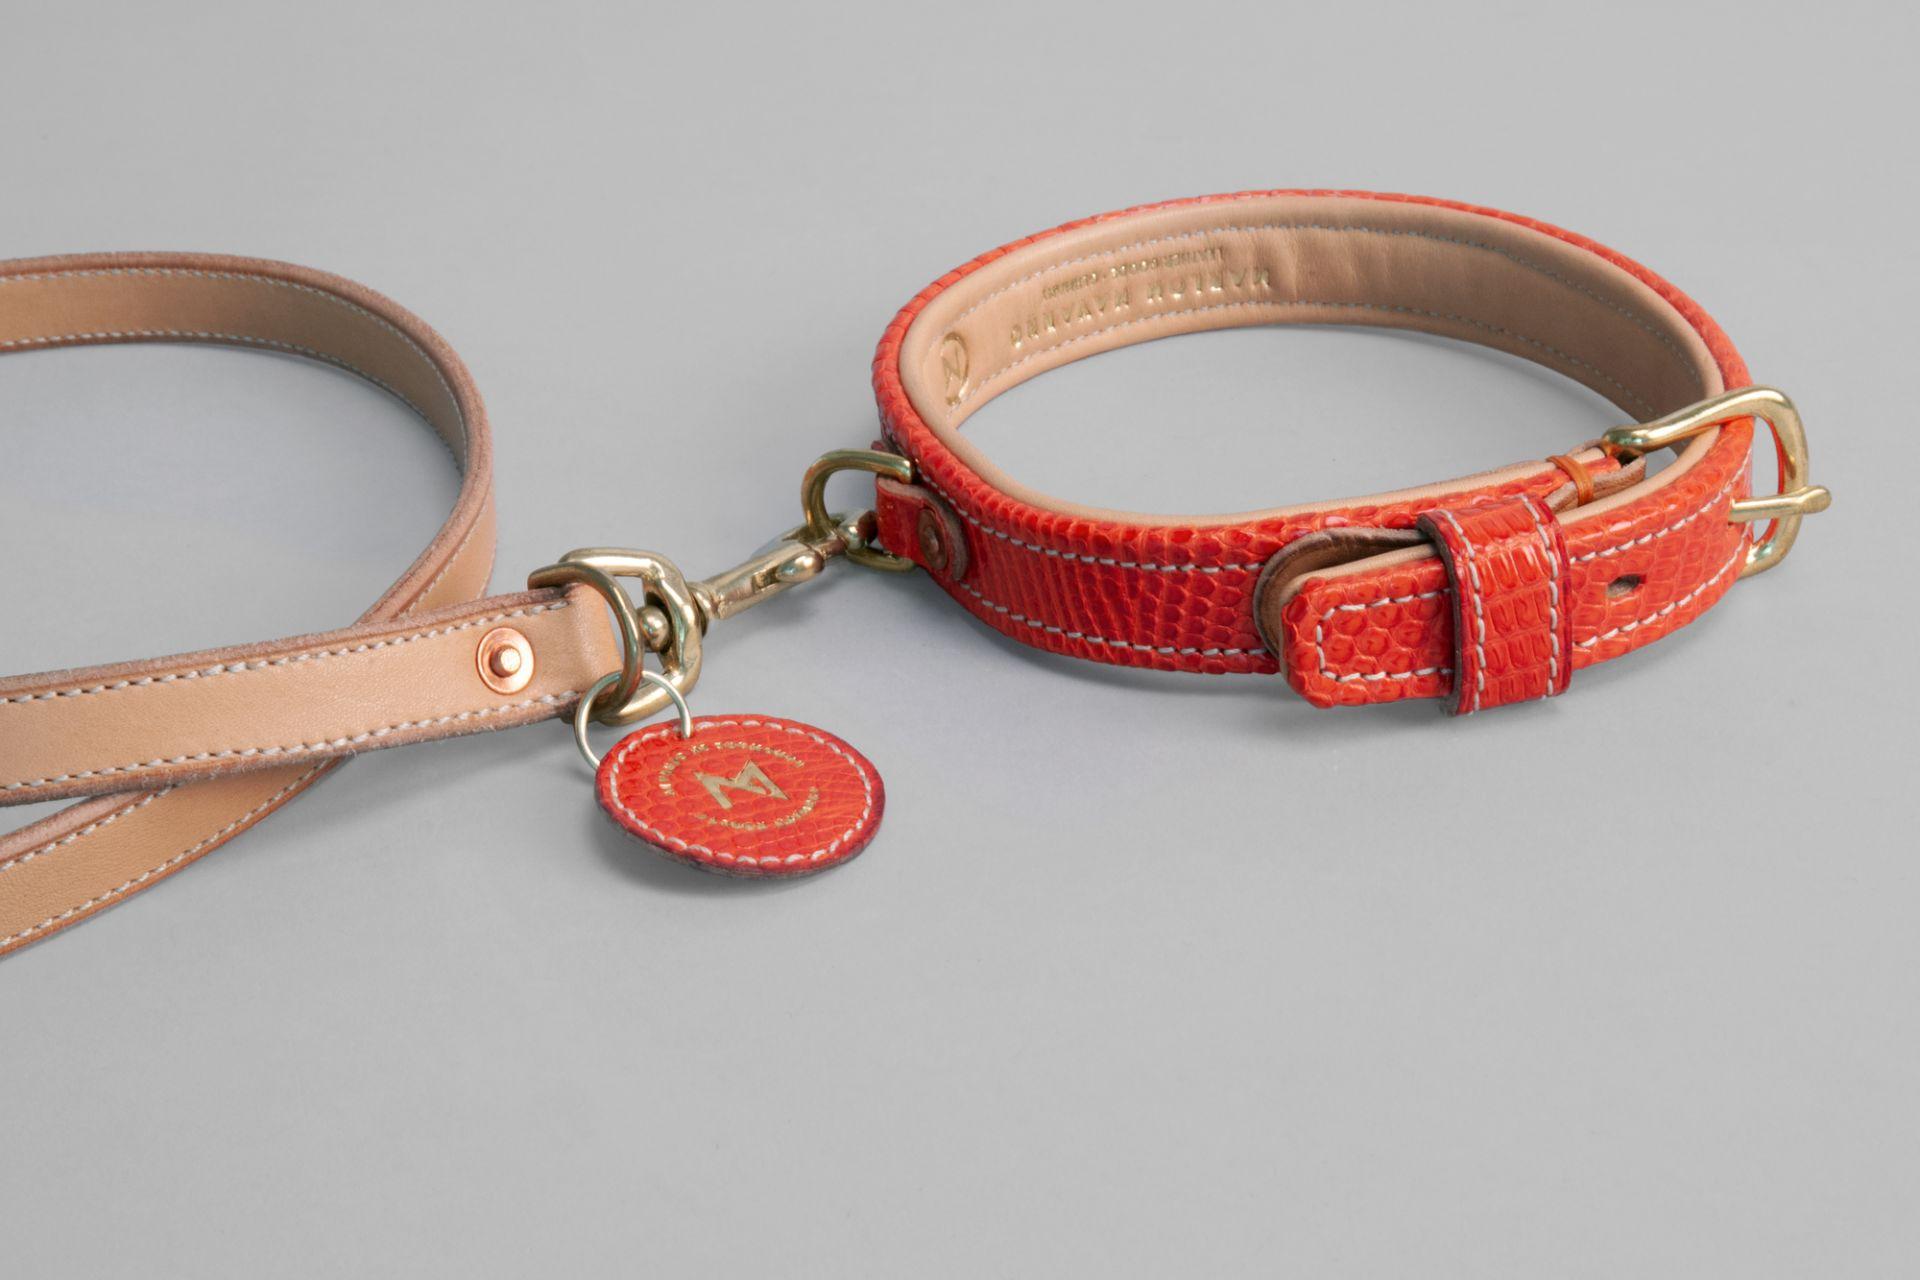 Hundehalsband und Leine, MARLON NAVARRO Leather Goods, Offenbach am Main, 2020